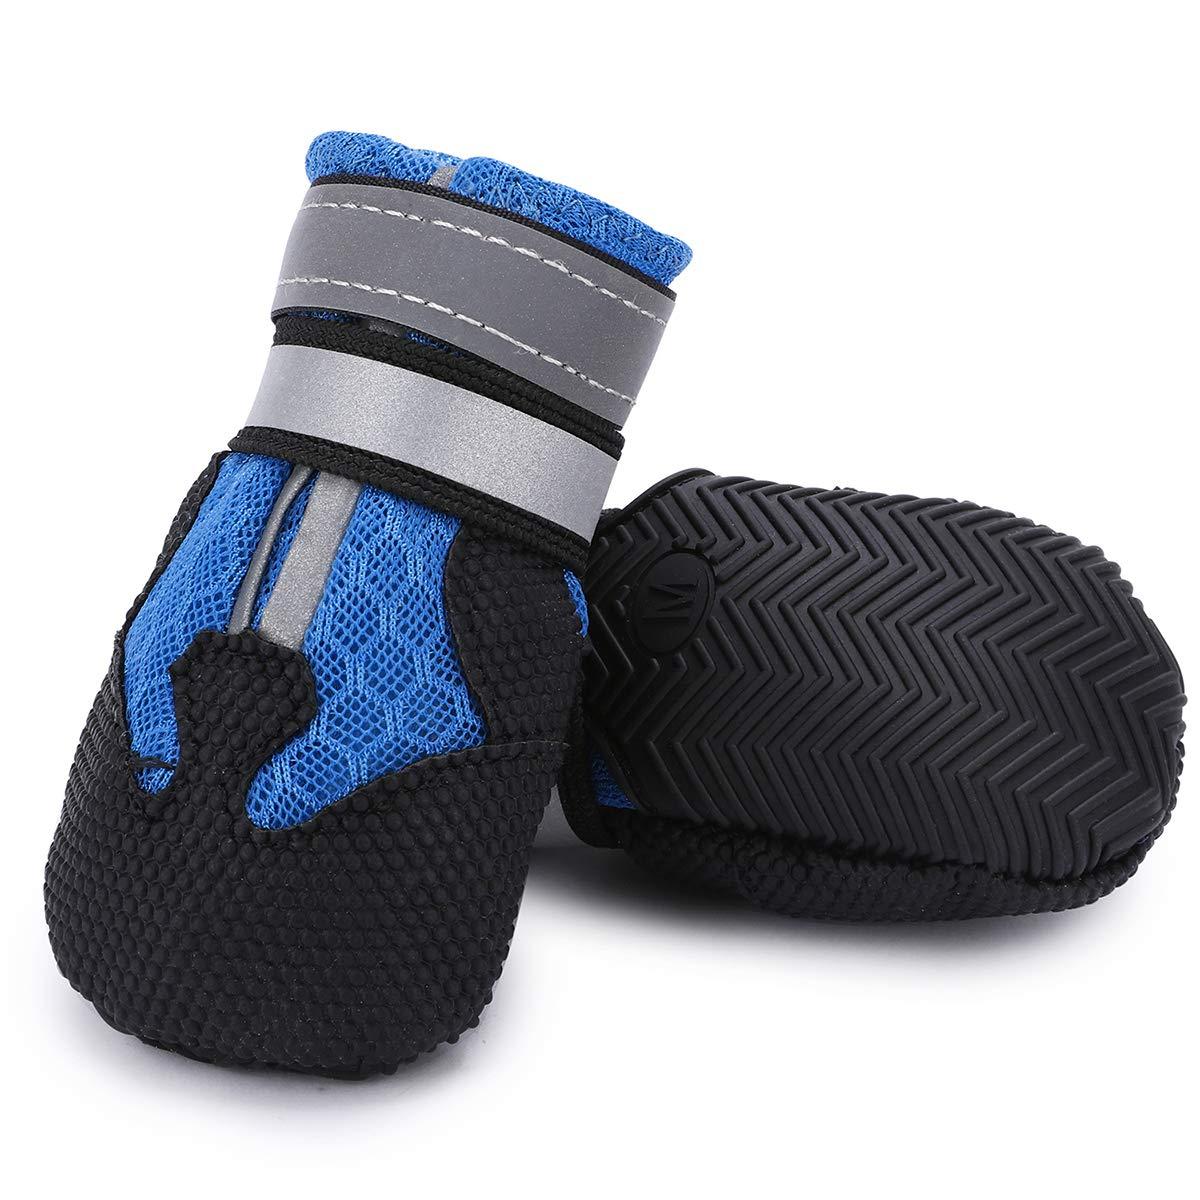 Ulandago Breathable Mesh Dog Boots Nonslip Soft Sole for Medium Large Dogs by Ulandago